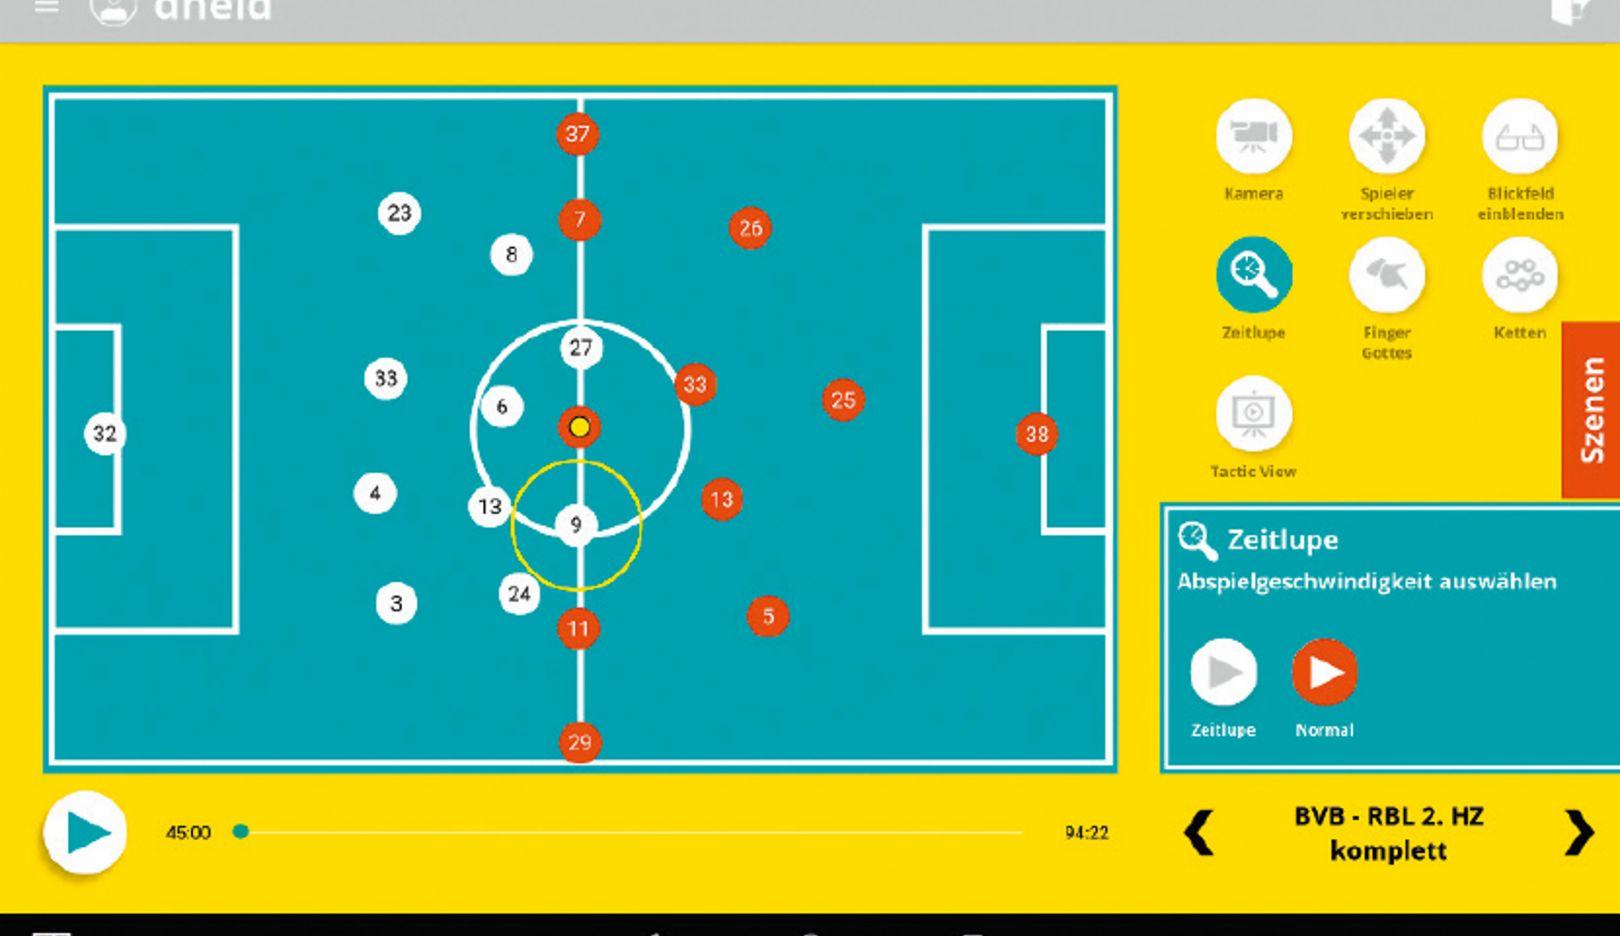 Préparation ciblée au prochain adversaire :  Les programmes Soccerbot360 peuvent simuler des systèmes de jeu. Ainsi, les joueurs apprennent à trouver des solutions tactiques.